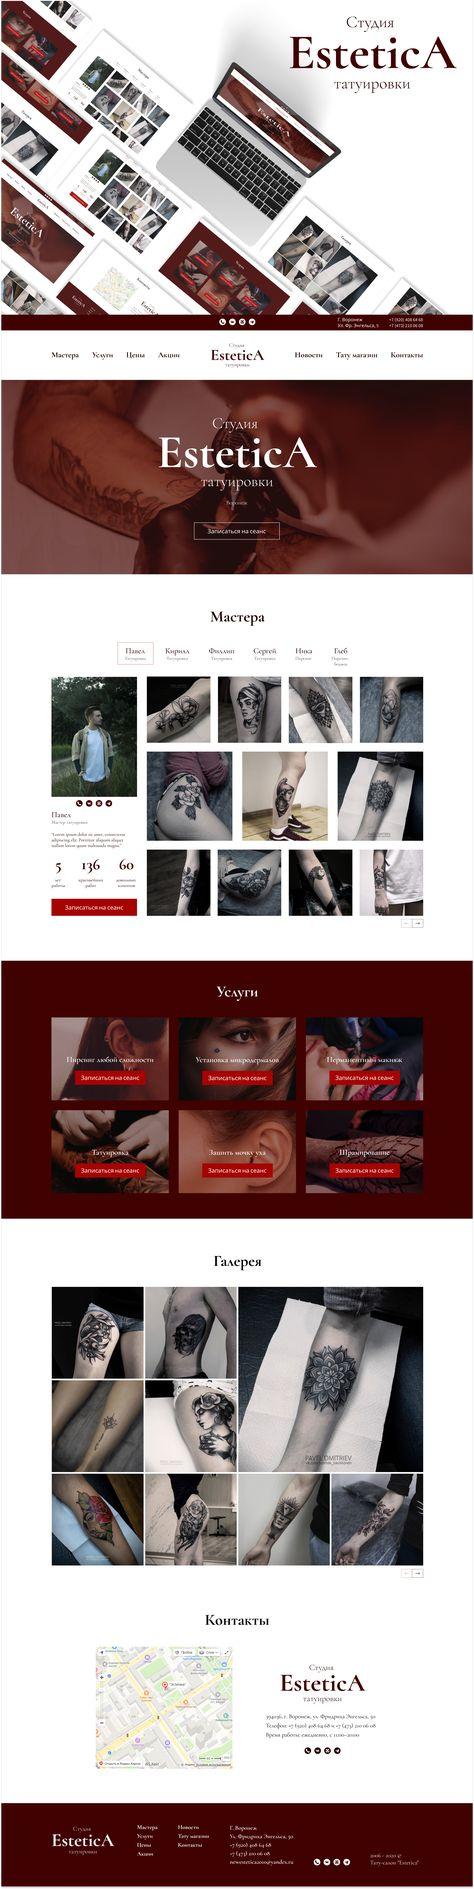 Дизайн сайта тату-студии